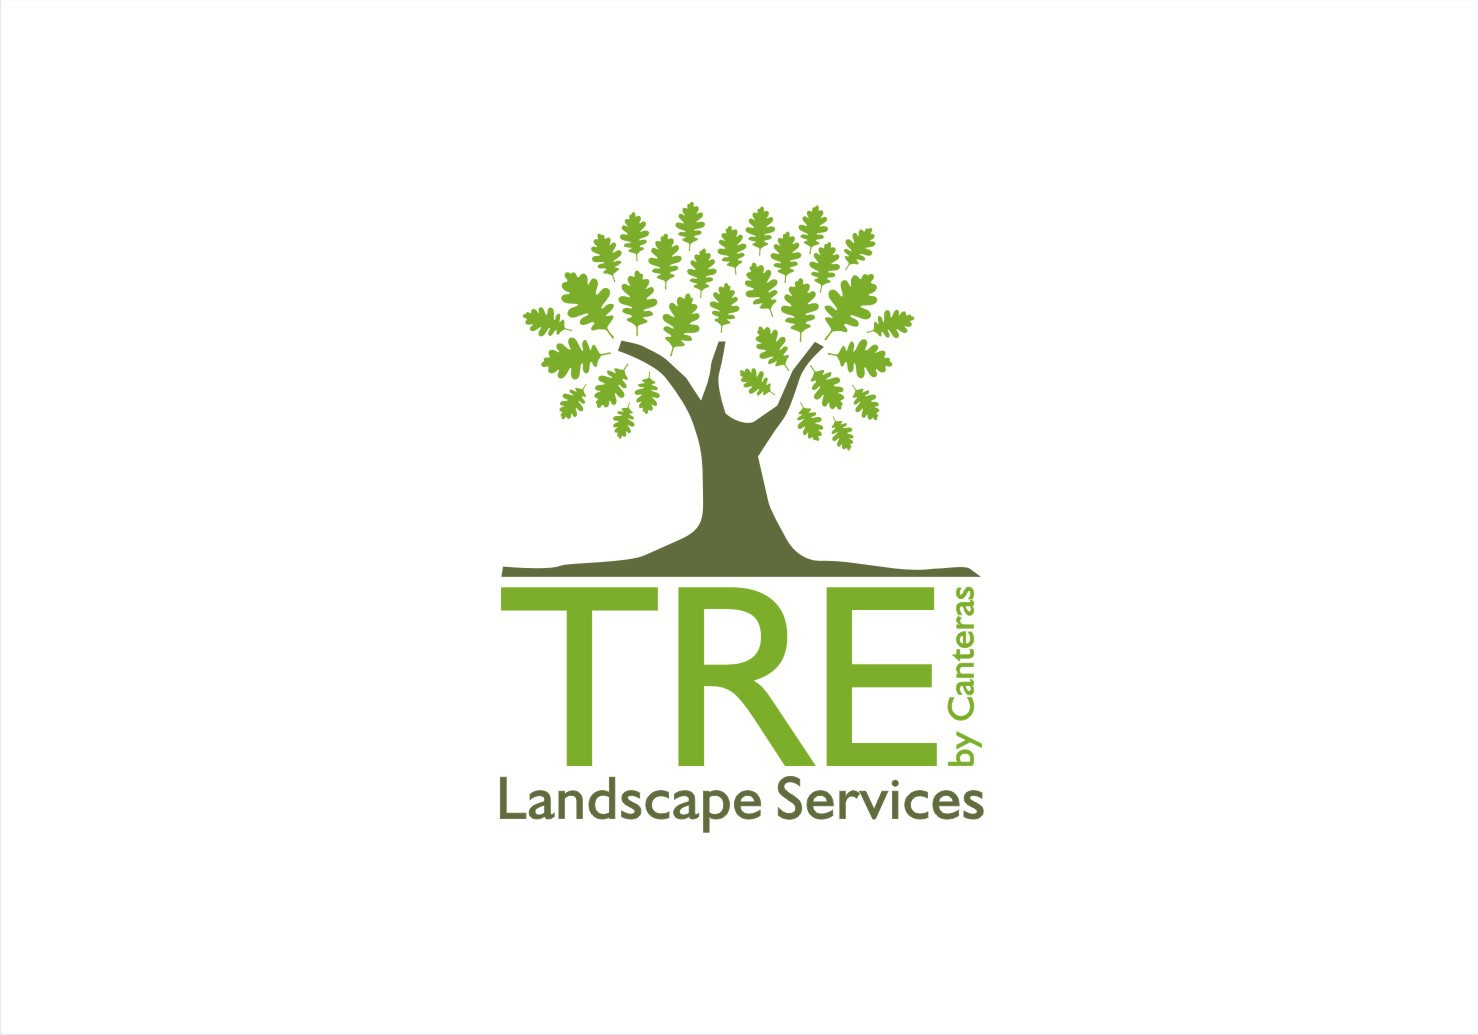 Tre                   needs a new logo